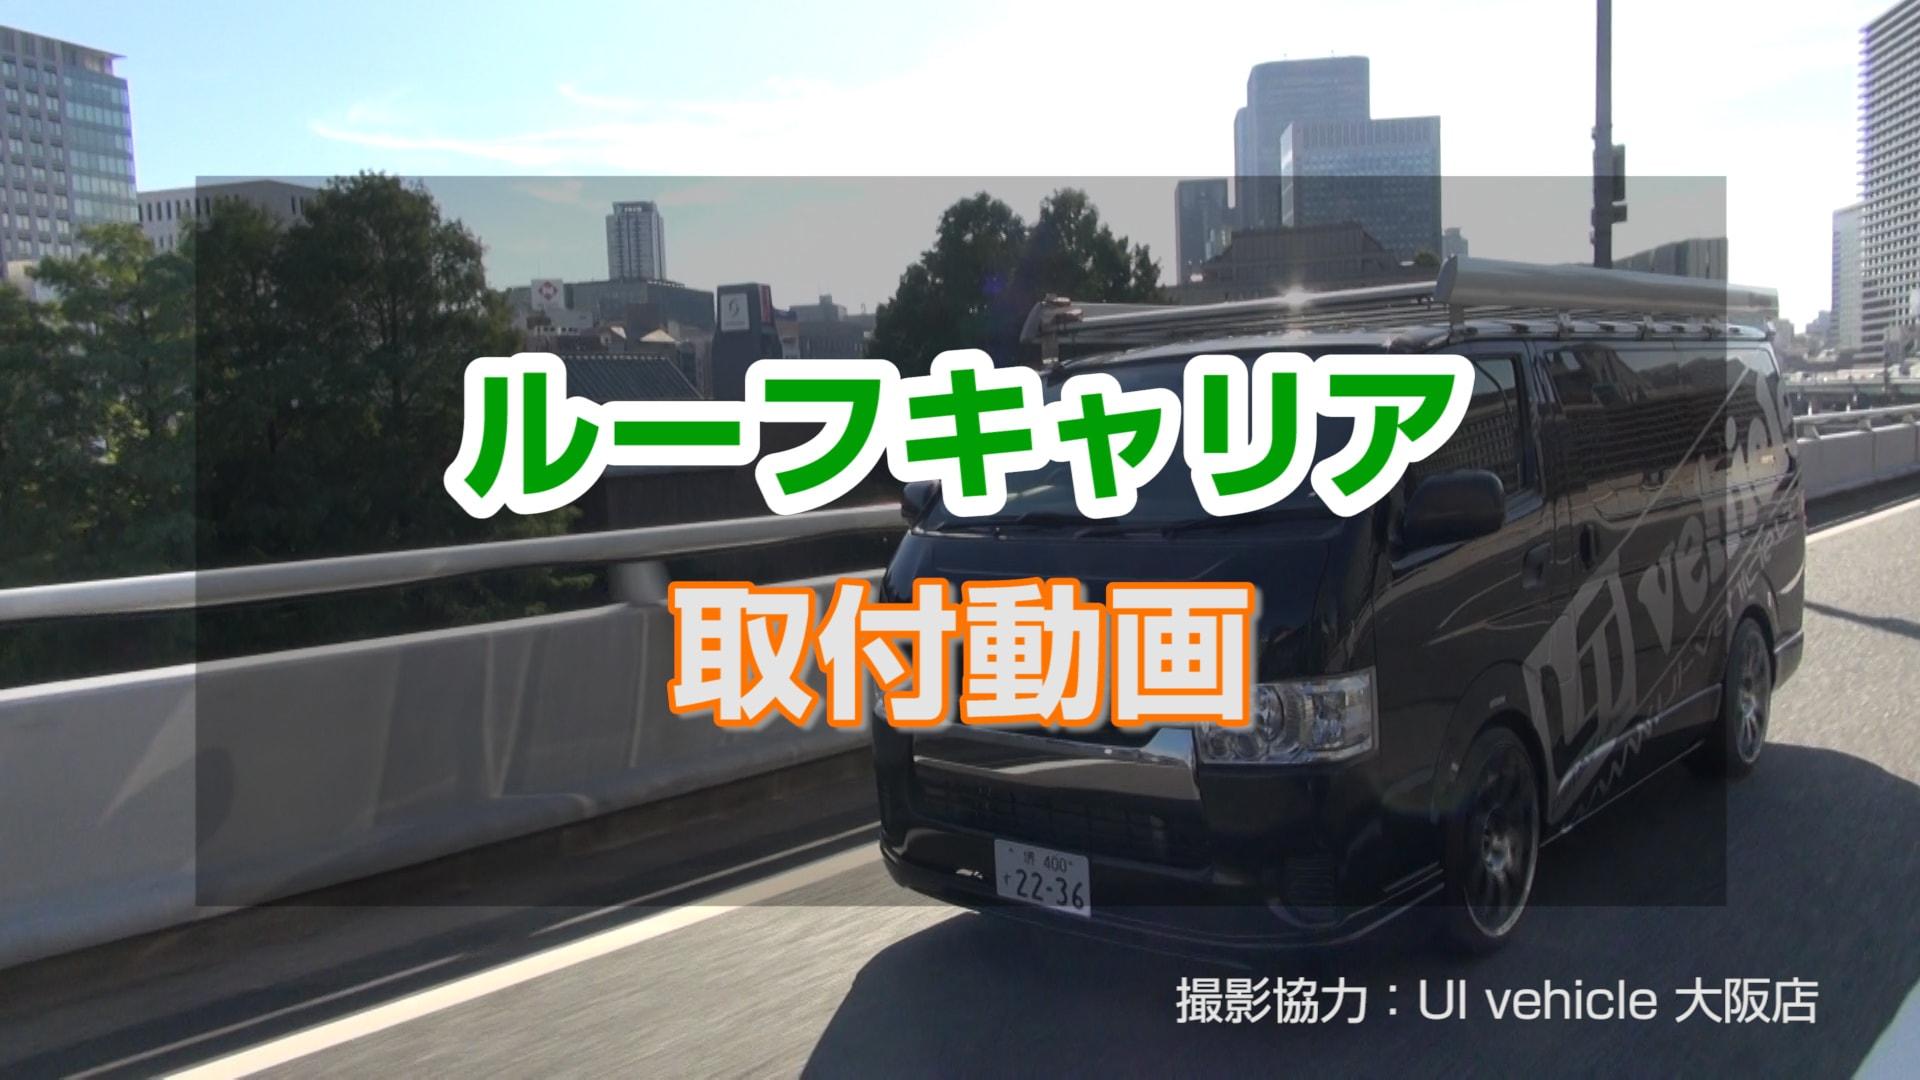 ハイエース200系 Jobルーフキャリア動画